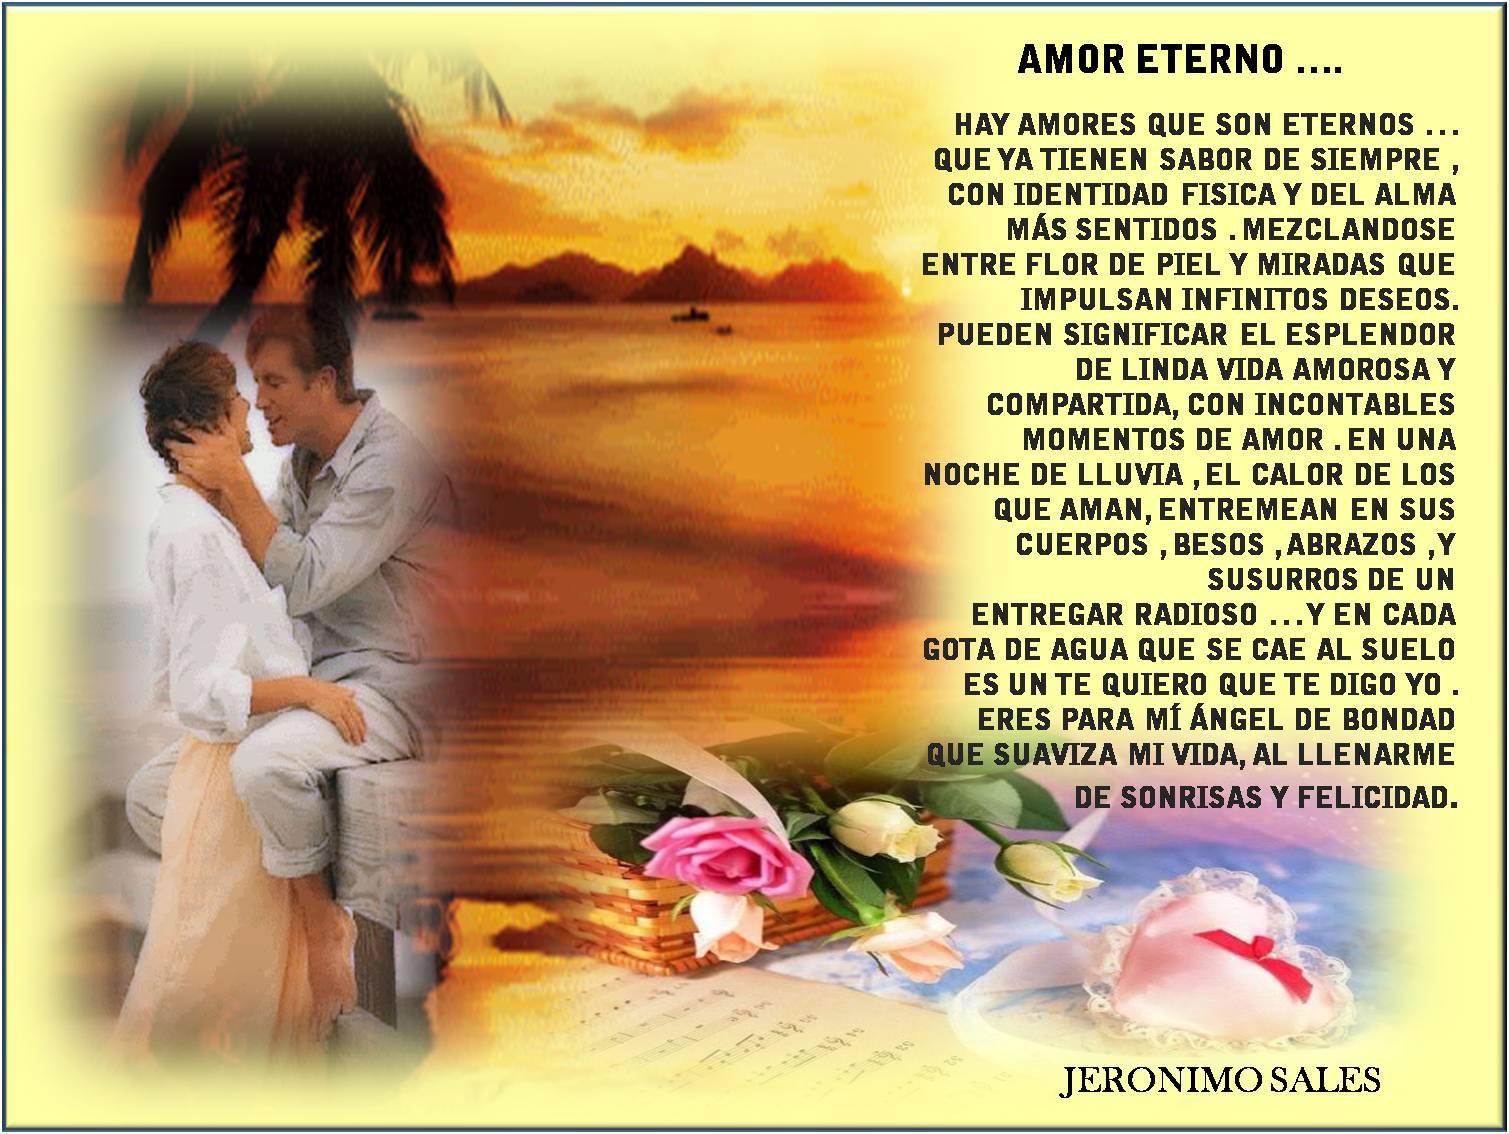 Frases De Amor Eterno Para Celular